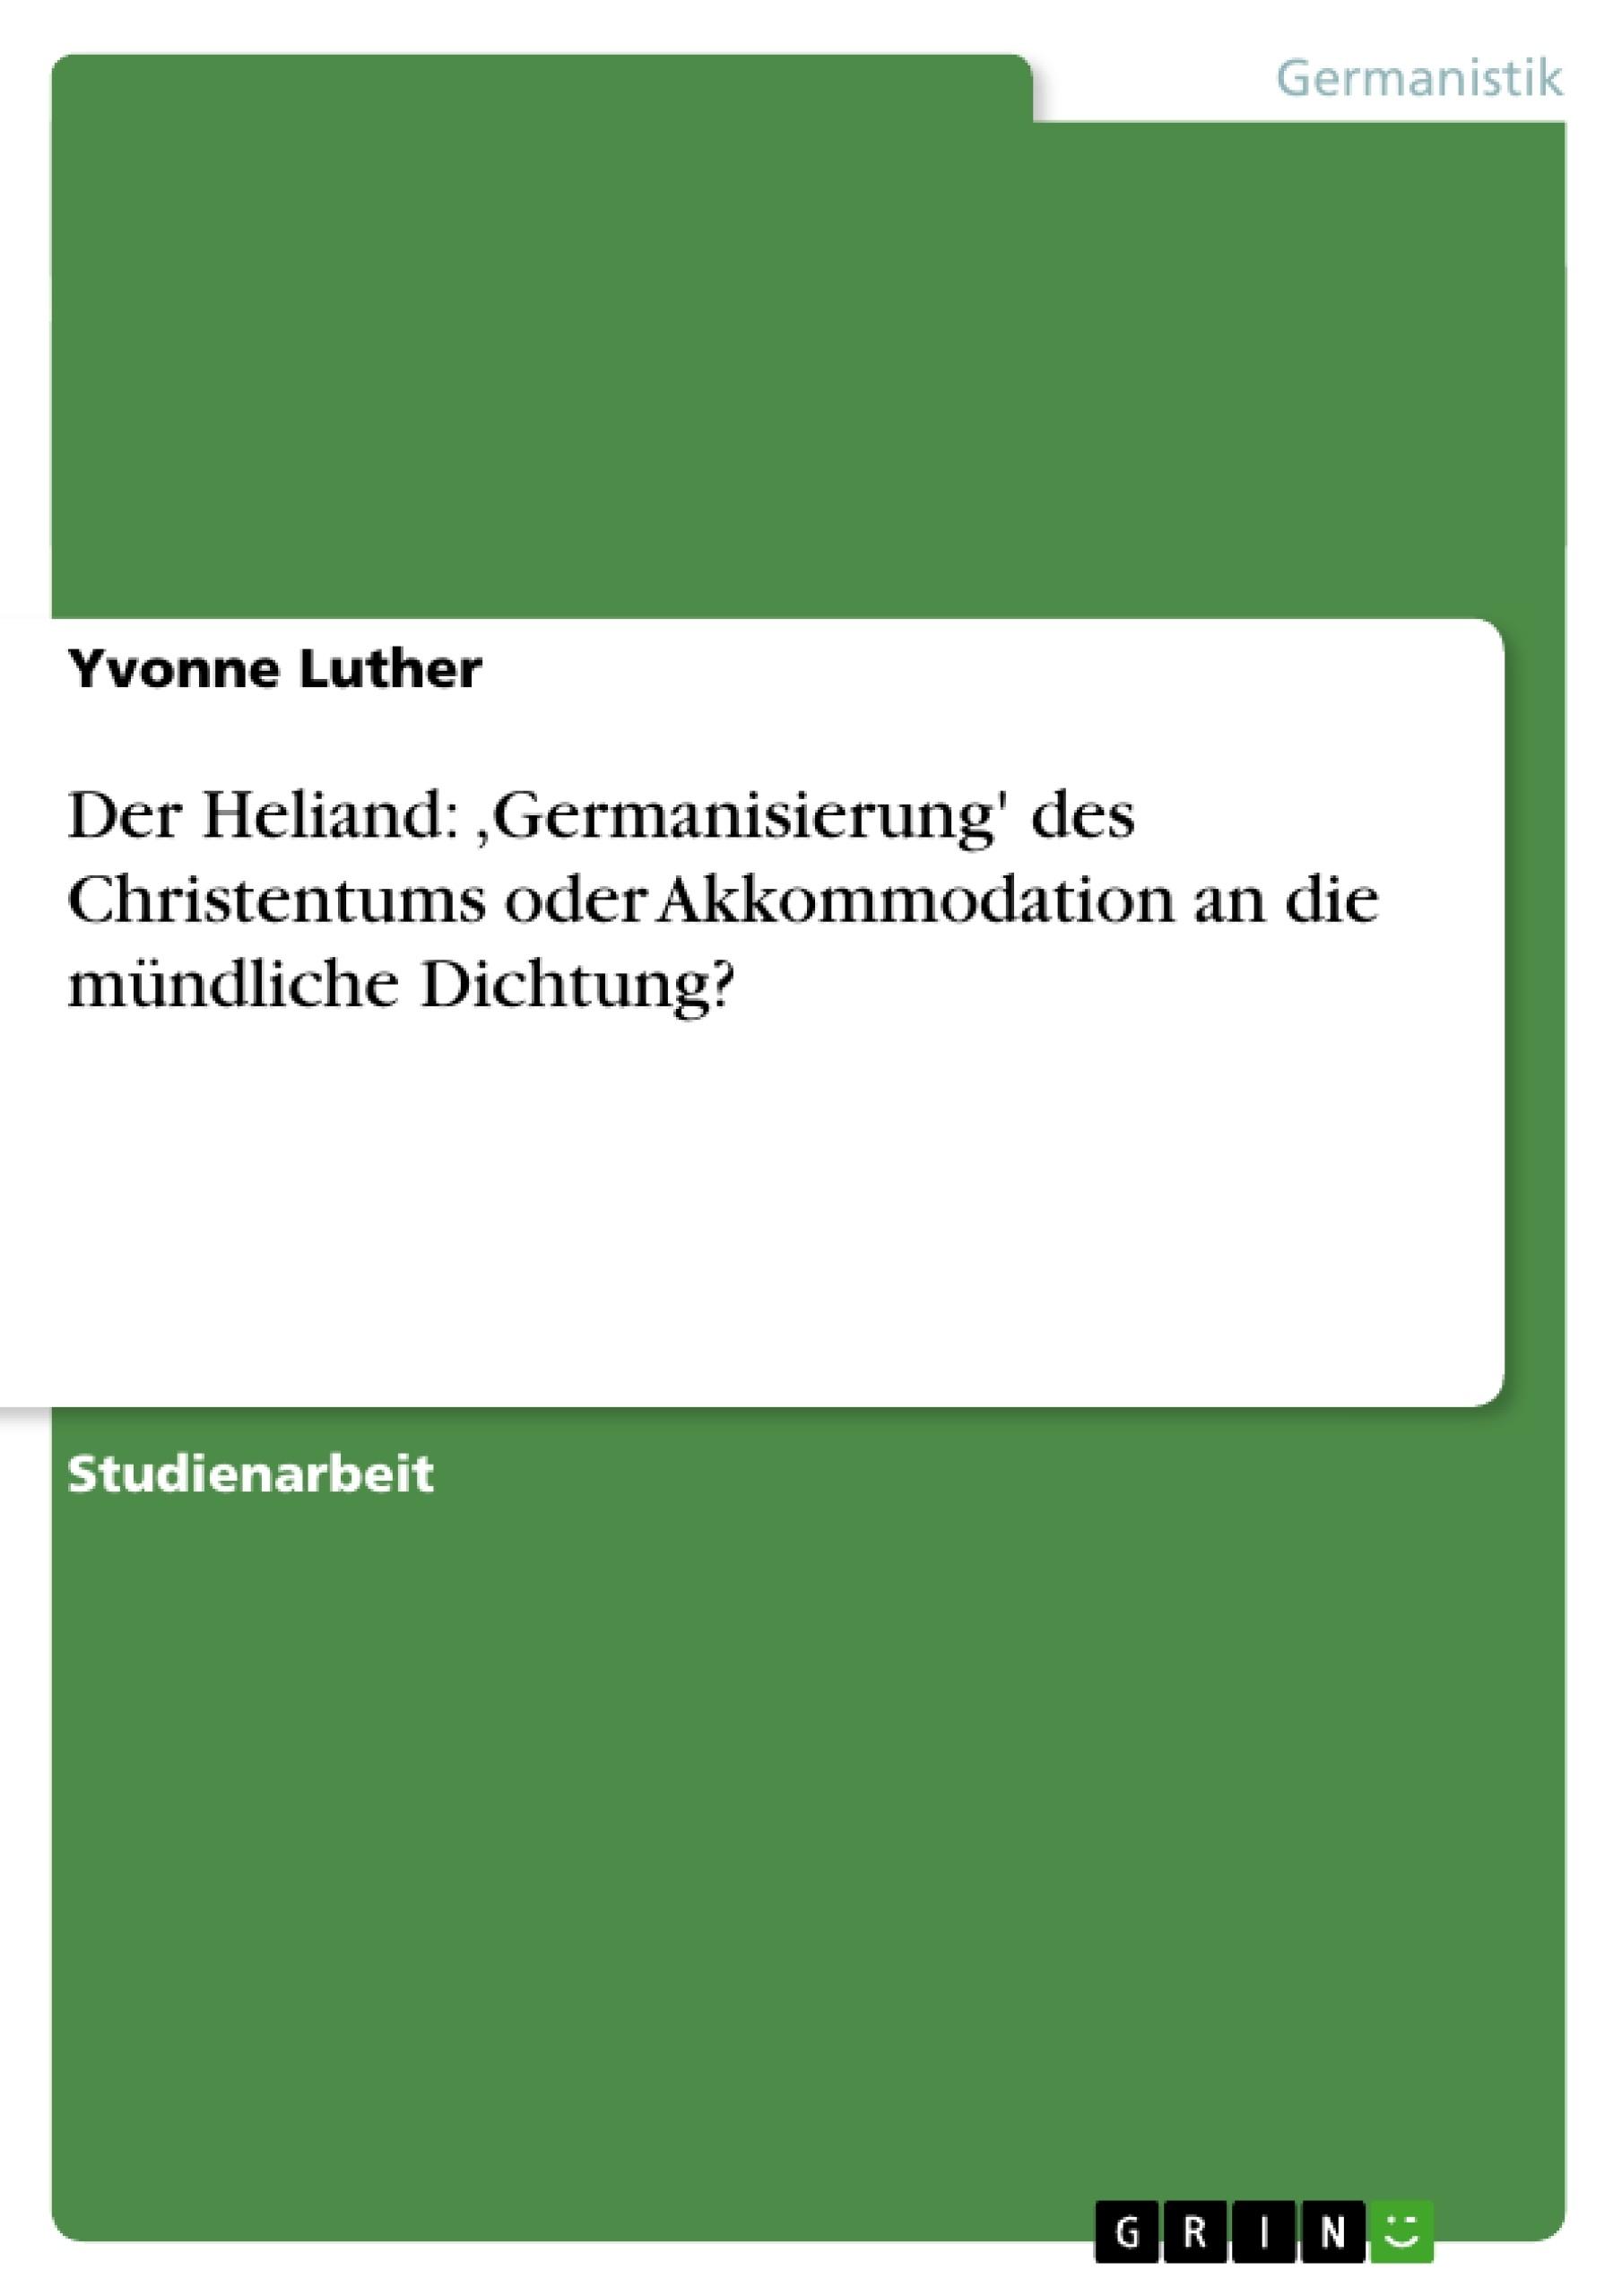 Titel: Der Heliand: ,Germanisierung' des Christentums oder Akkommodation an die mündliche Dichtung?